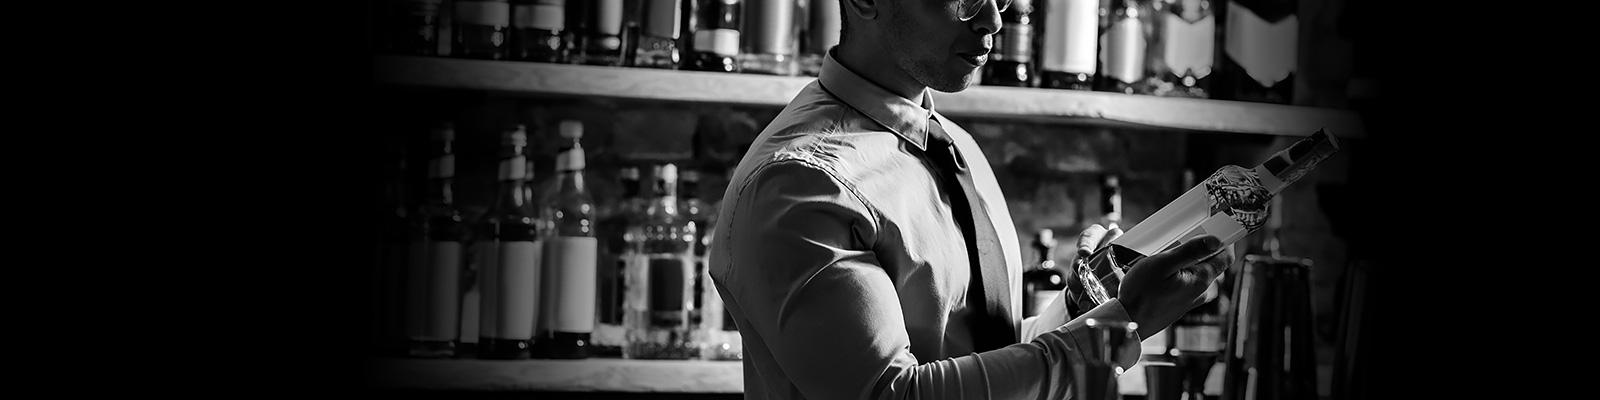 ウイスキー ボトル バー イメージ